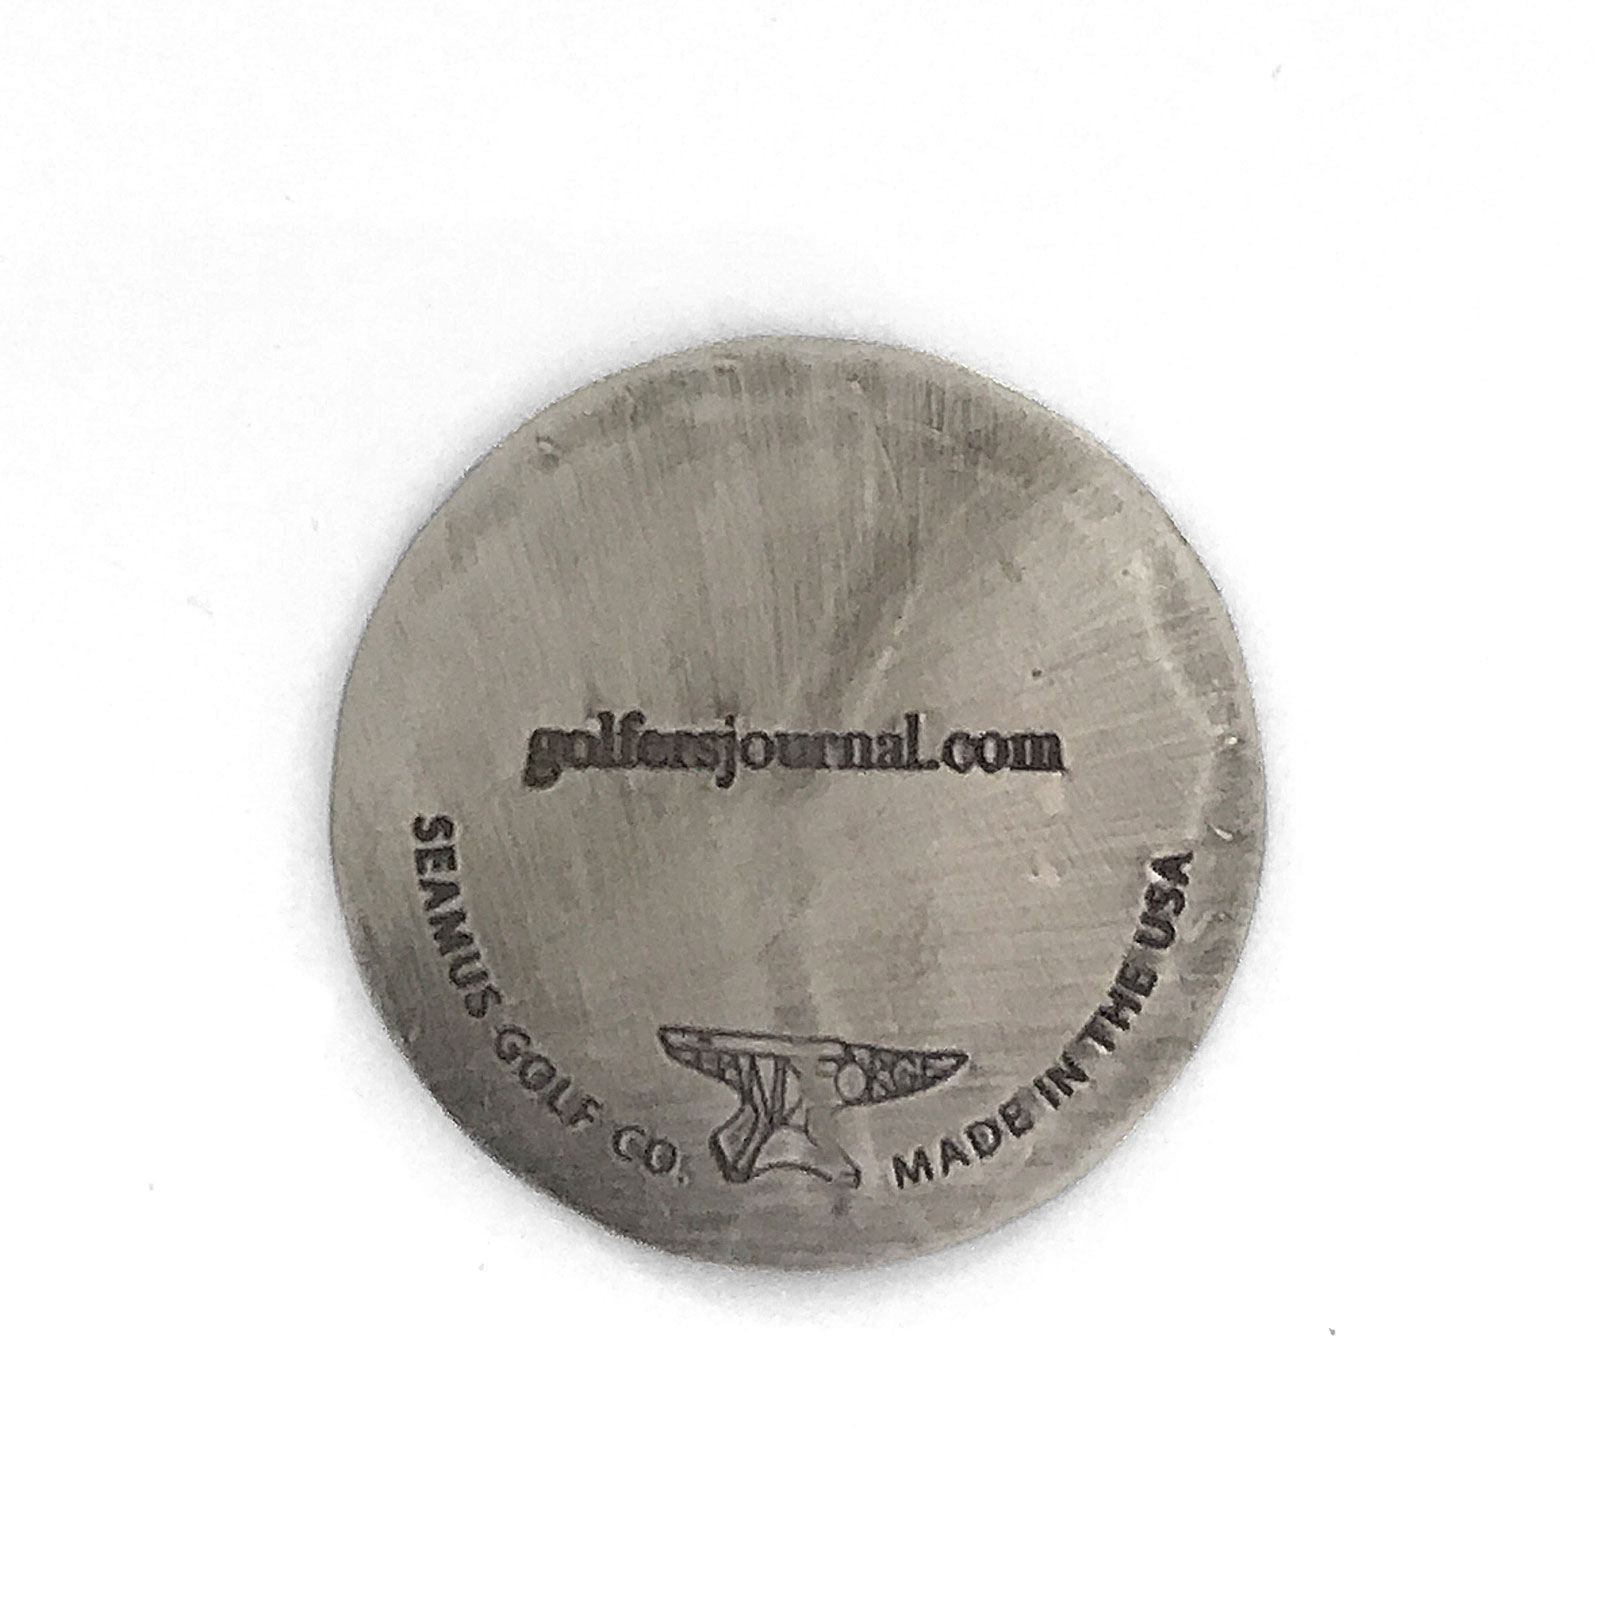 TGJ x Seamus Hand-Forged Ball Mark